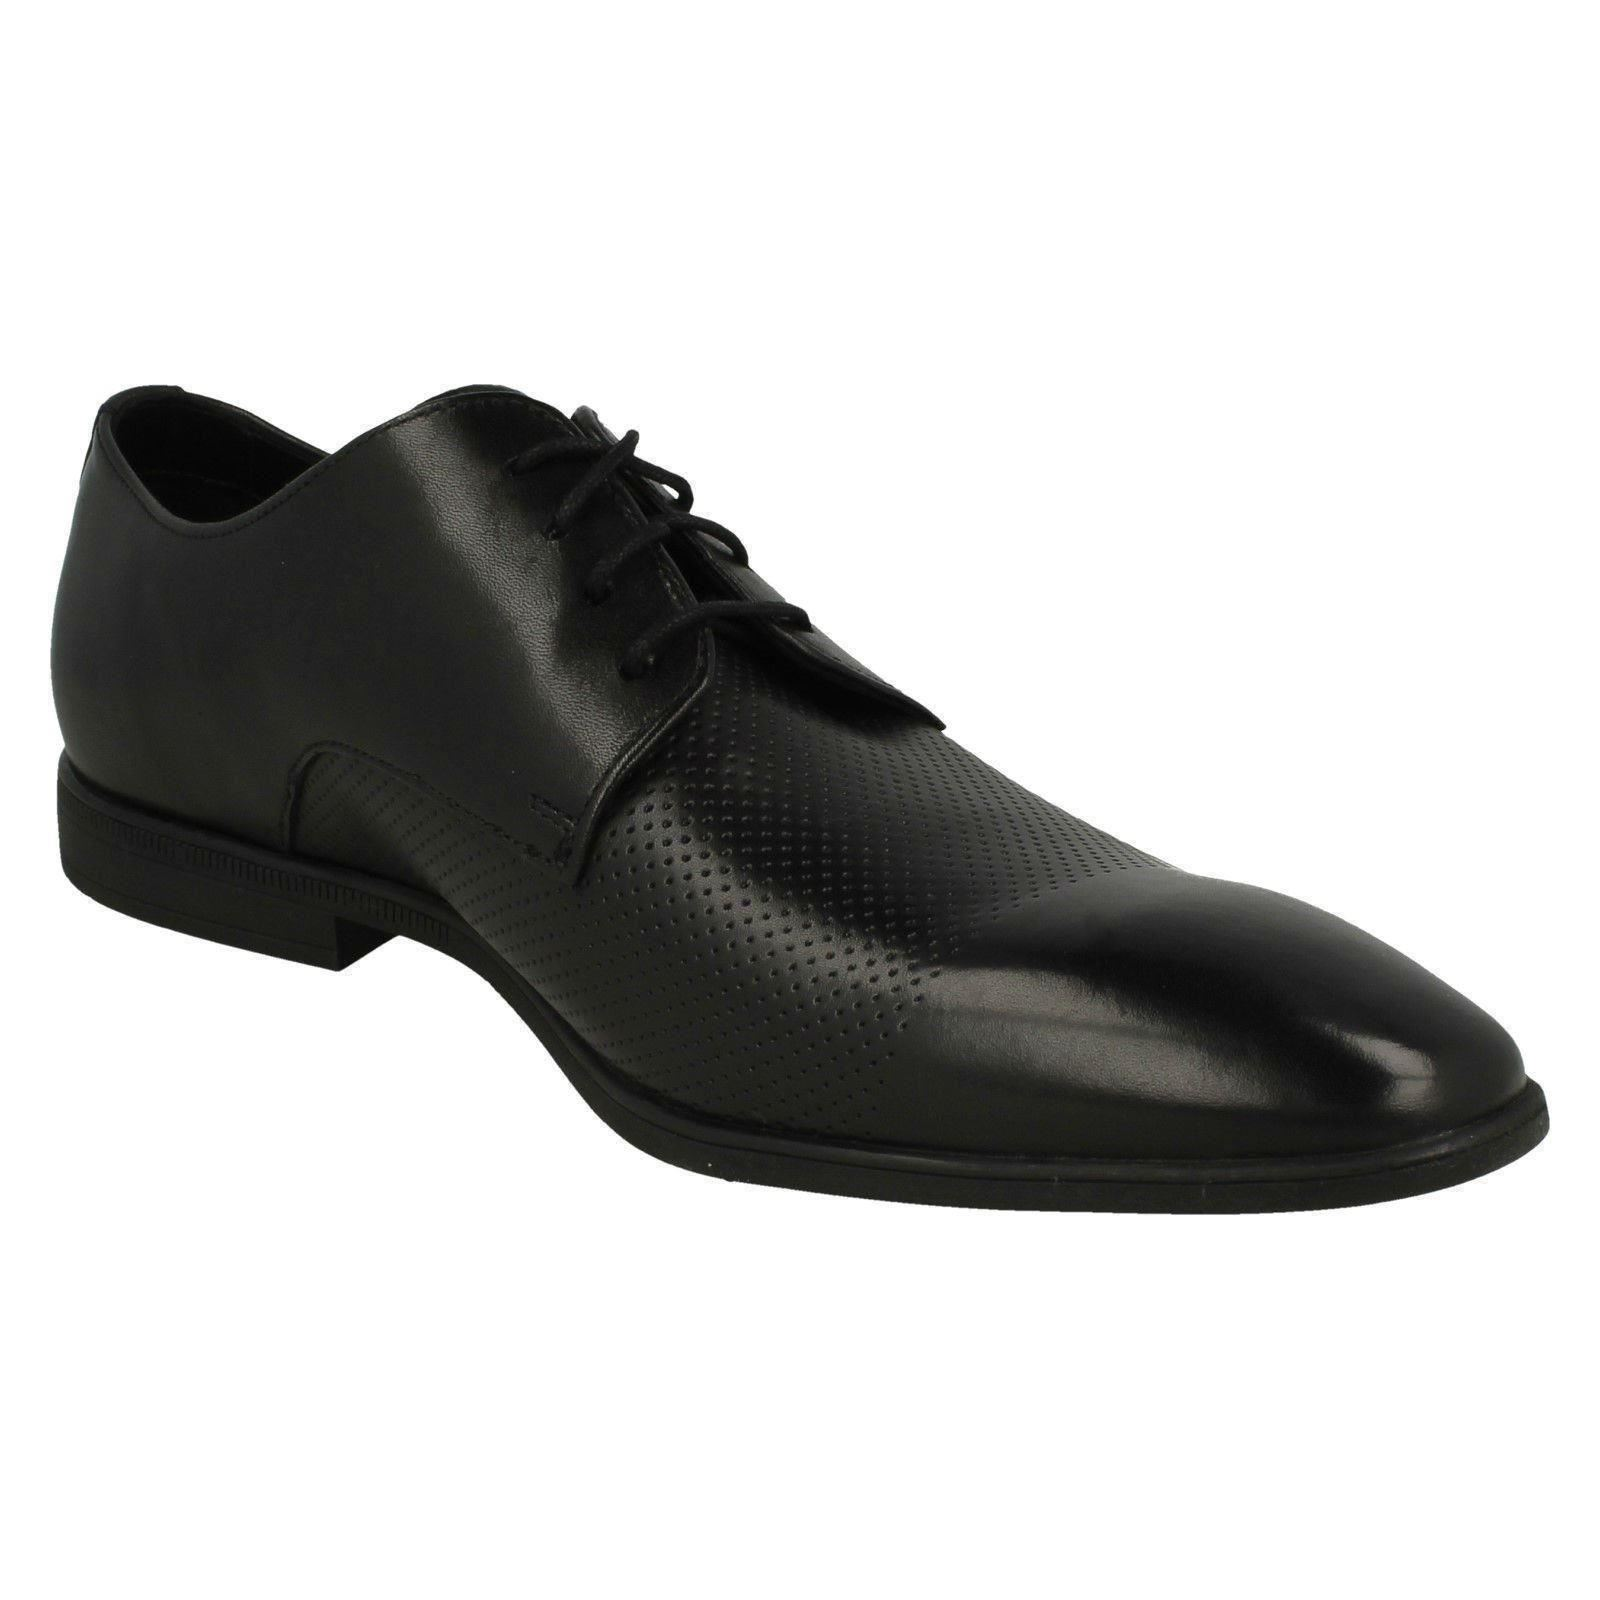 CLARKS uomo lacci scarpe formale Bampton CAPPELLO Scarpe classiche da uomo